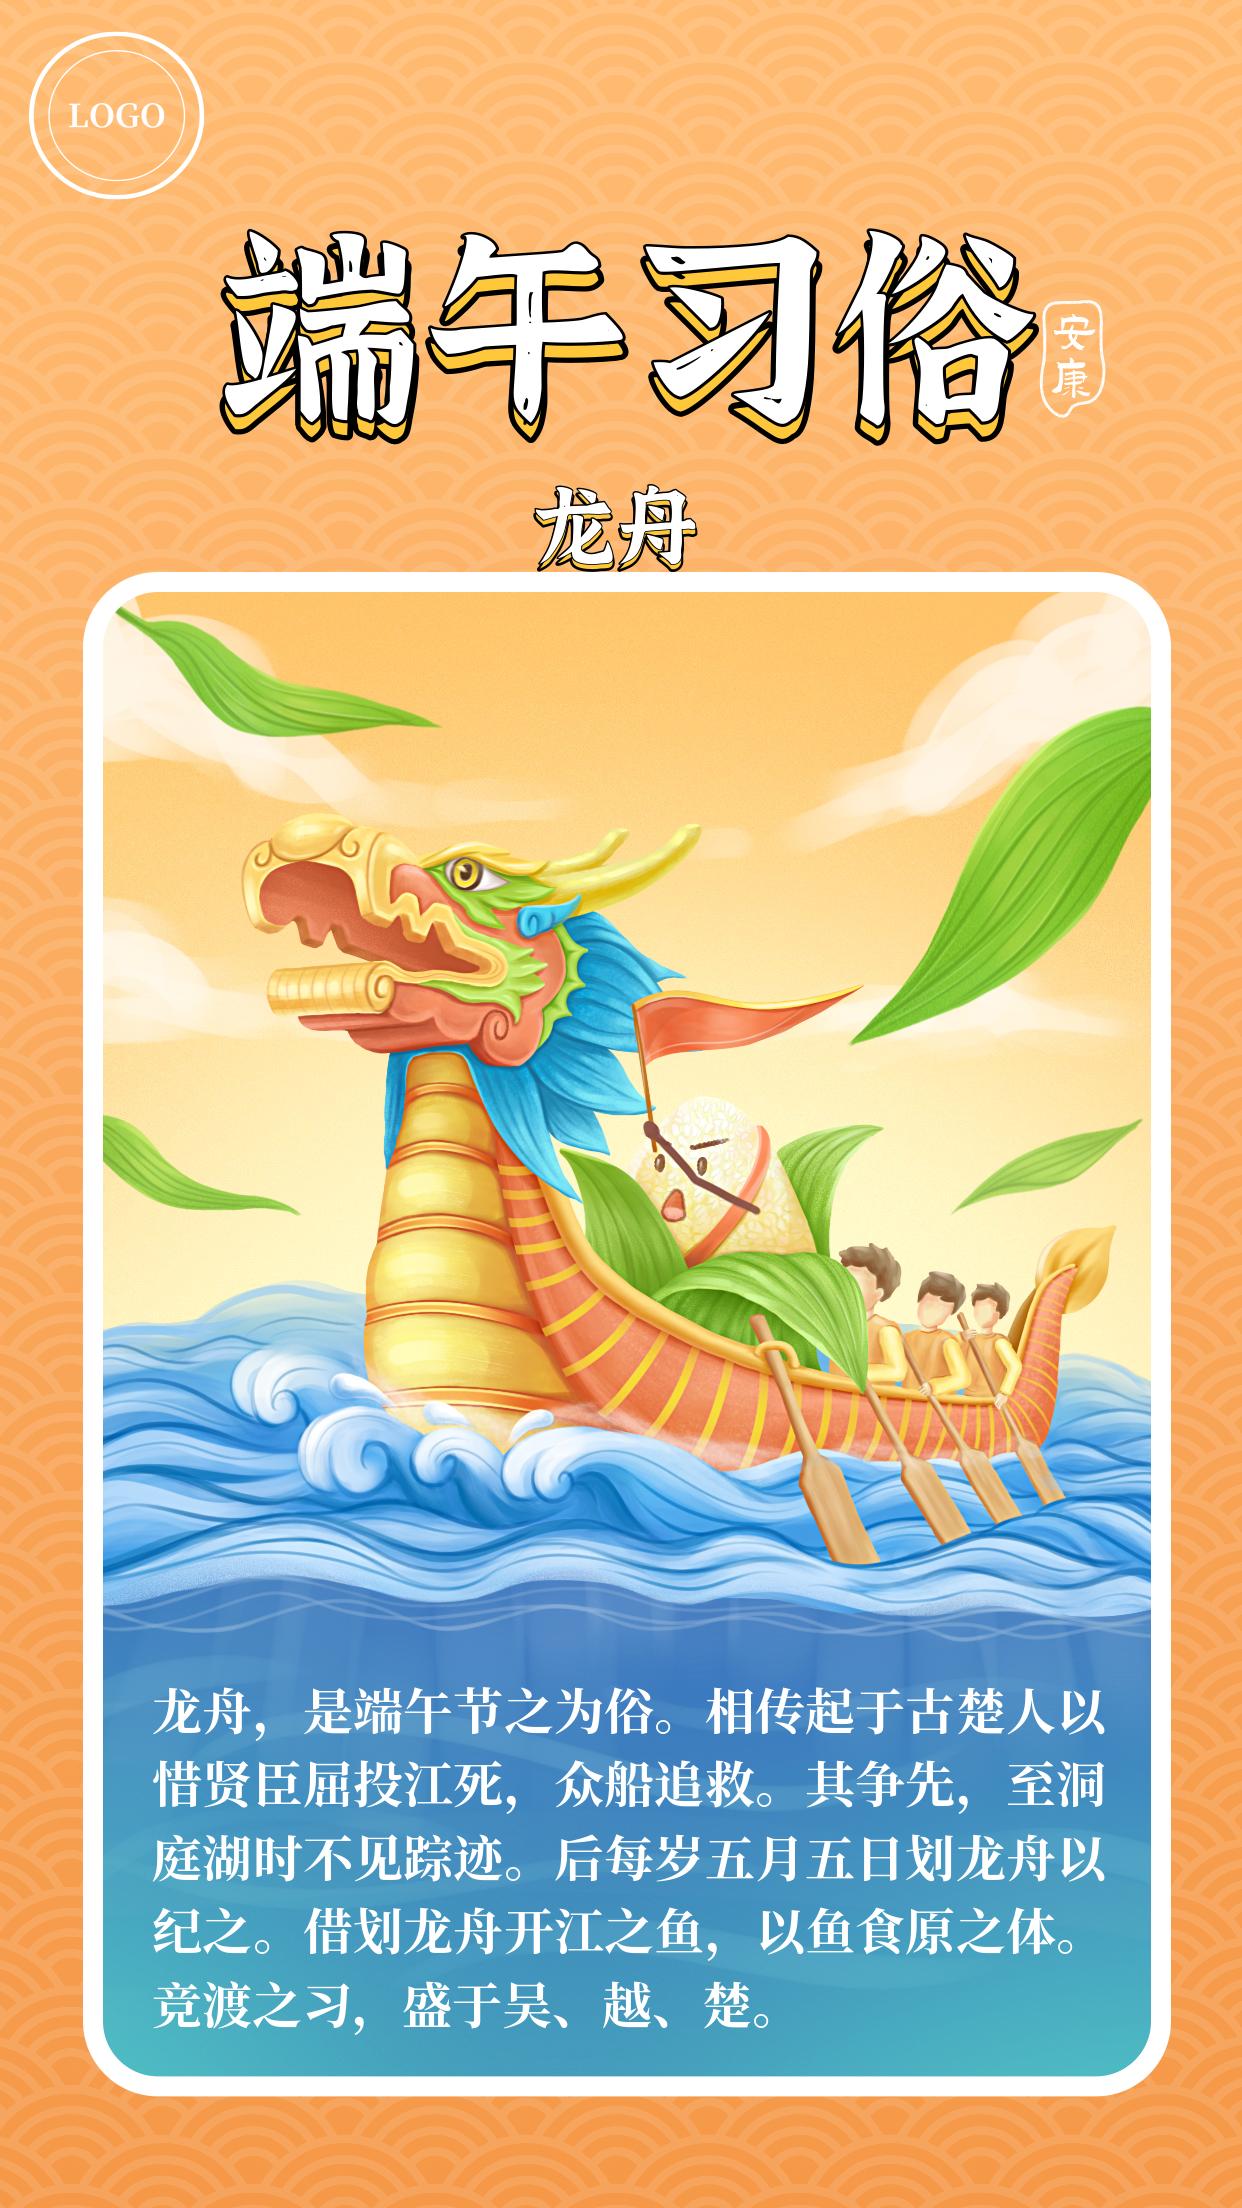 端午节习俗文化知识手机海报